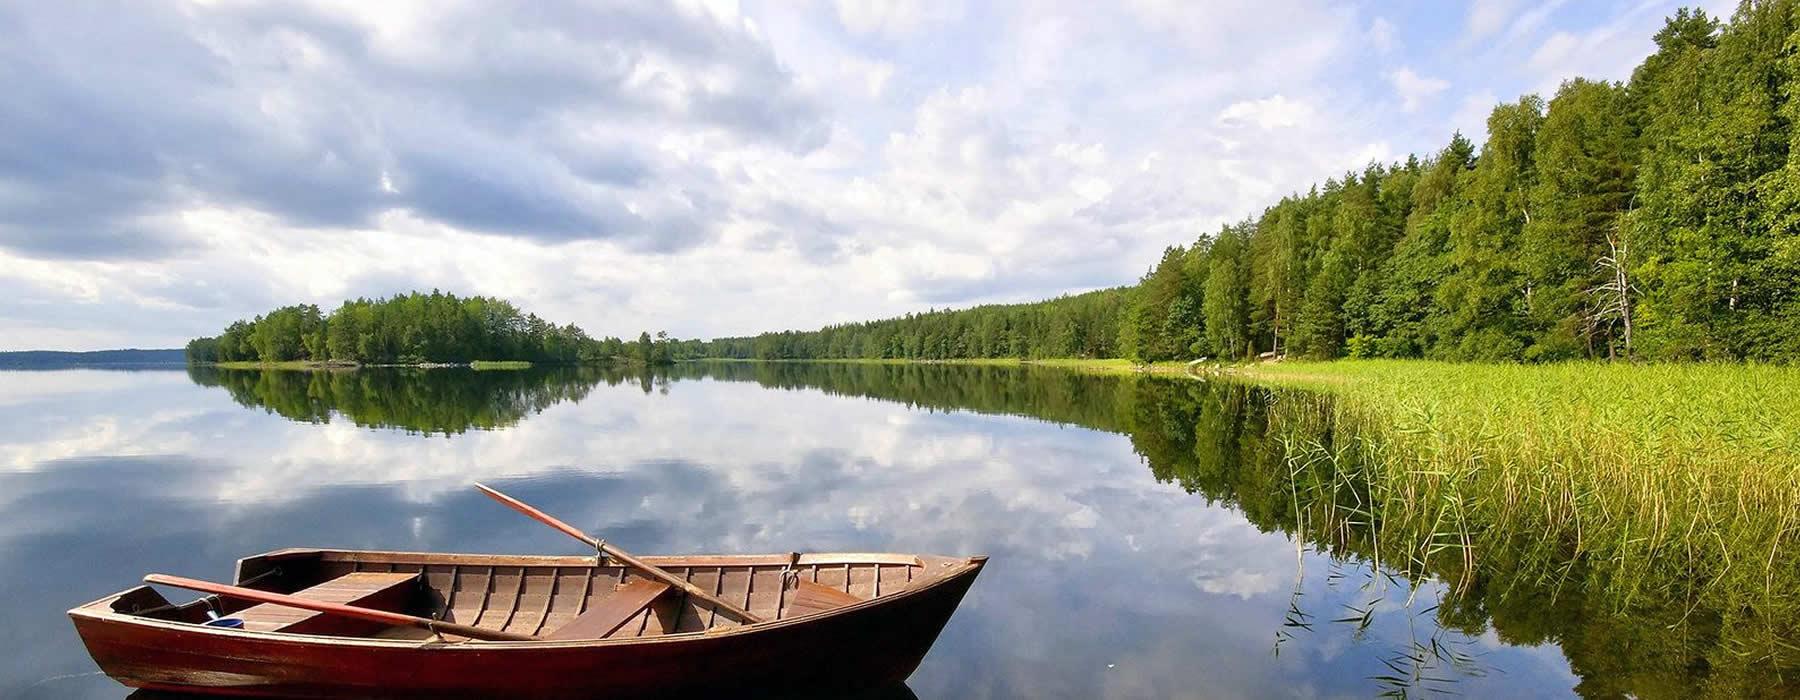 Более 100 вариантов загородного отдыха в Ленобласти. На любой вкус!